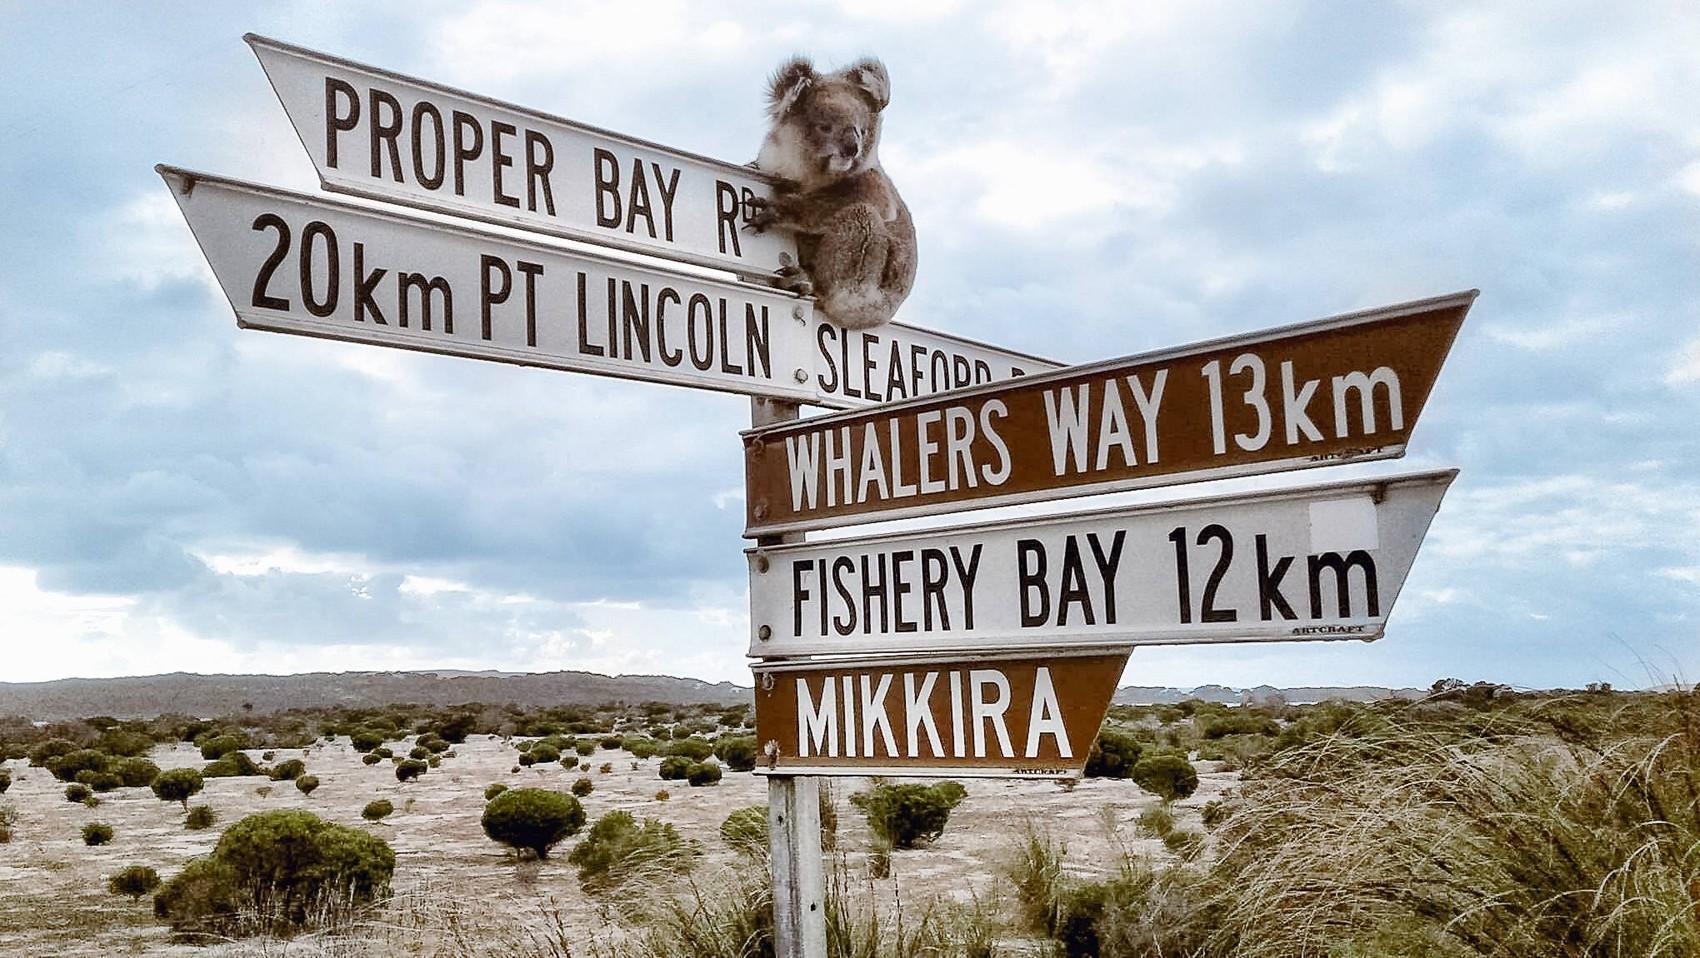 Coala sobe em placas para 'saudar' turistas na Austrália